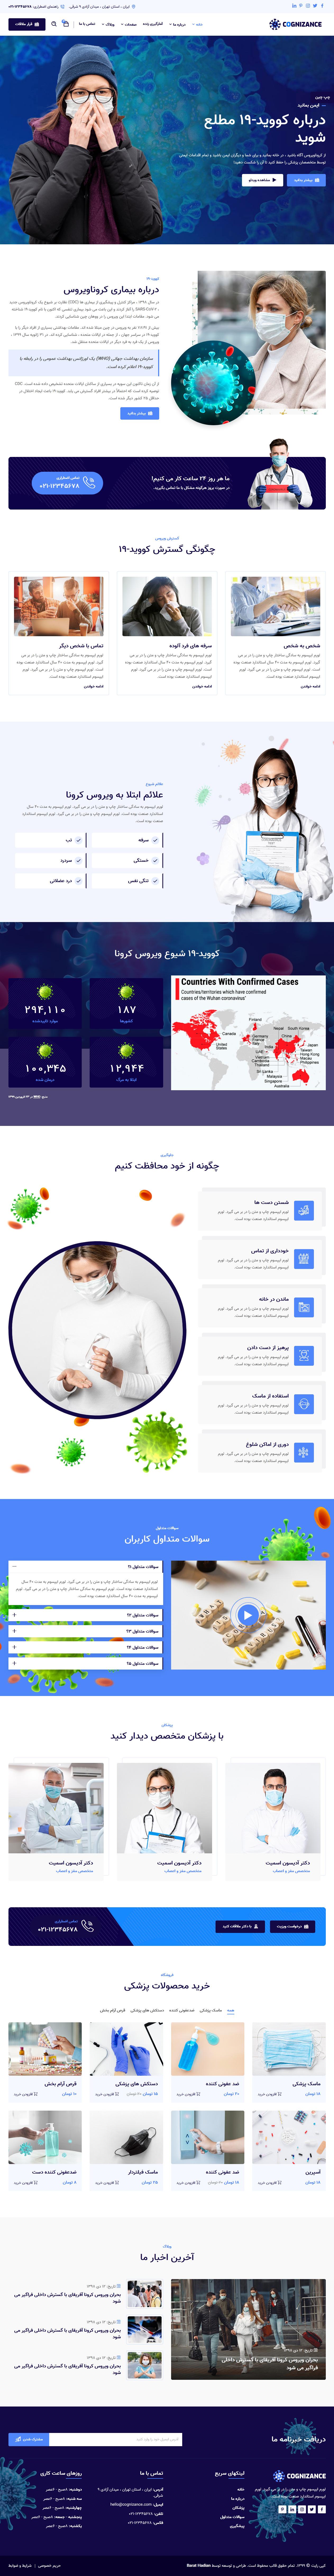 قالب HTML Cognizance | قالب HTML سایت مراقبت های بهداشتی کروناویروس